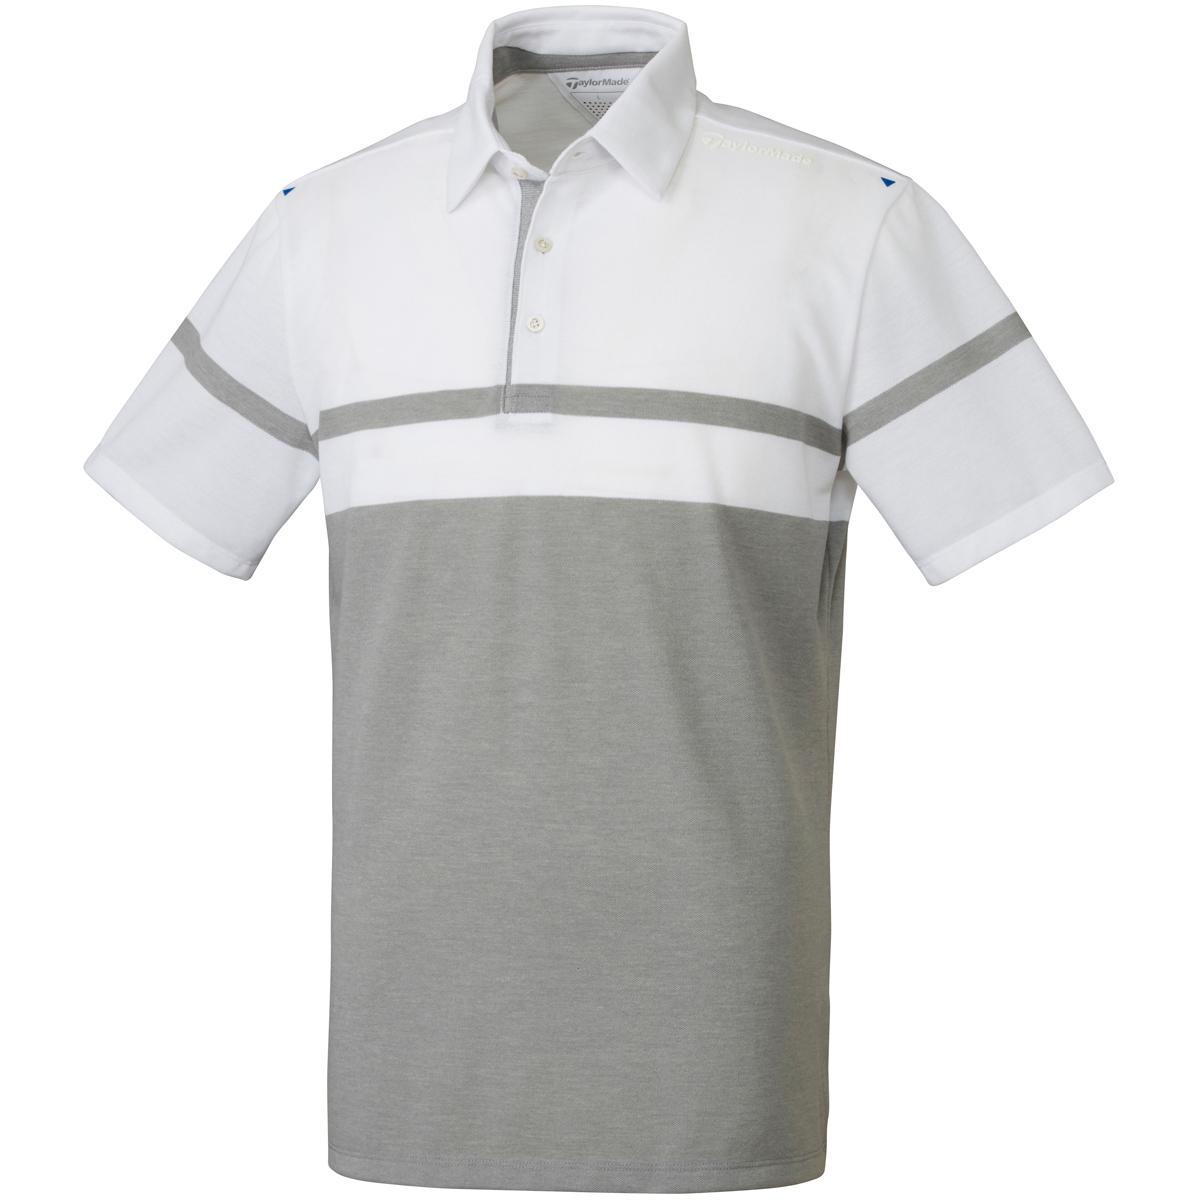 クーリングUV 半袖ポロシャツ